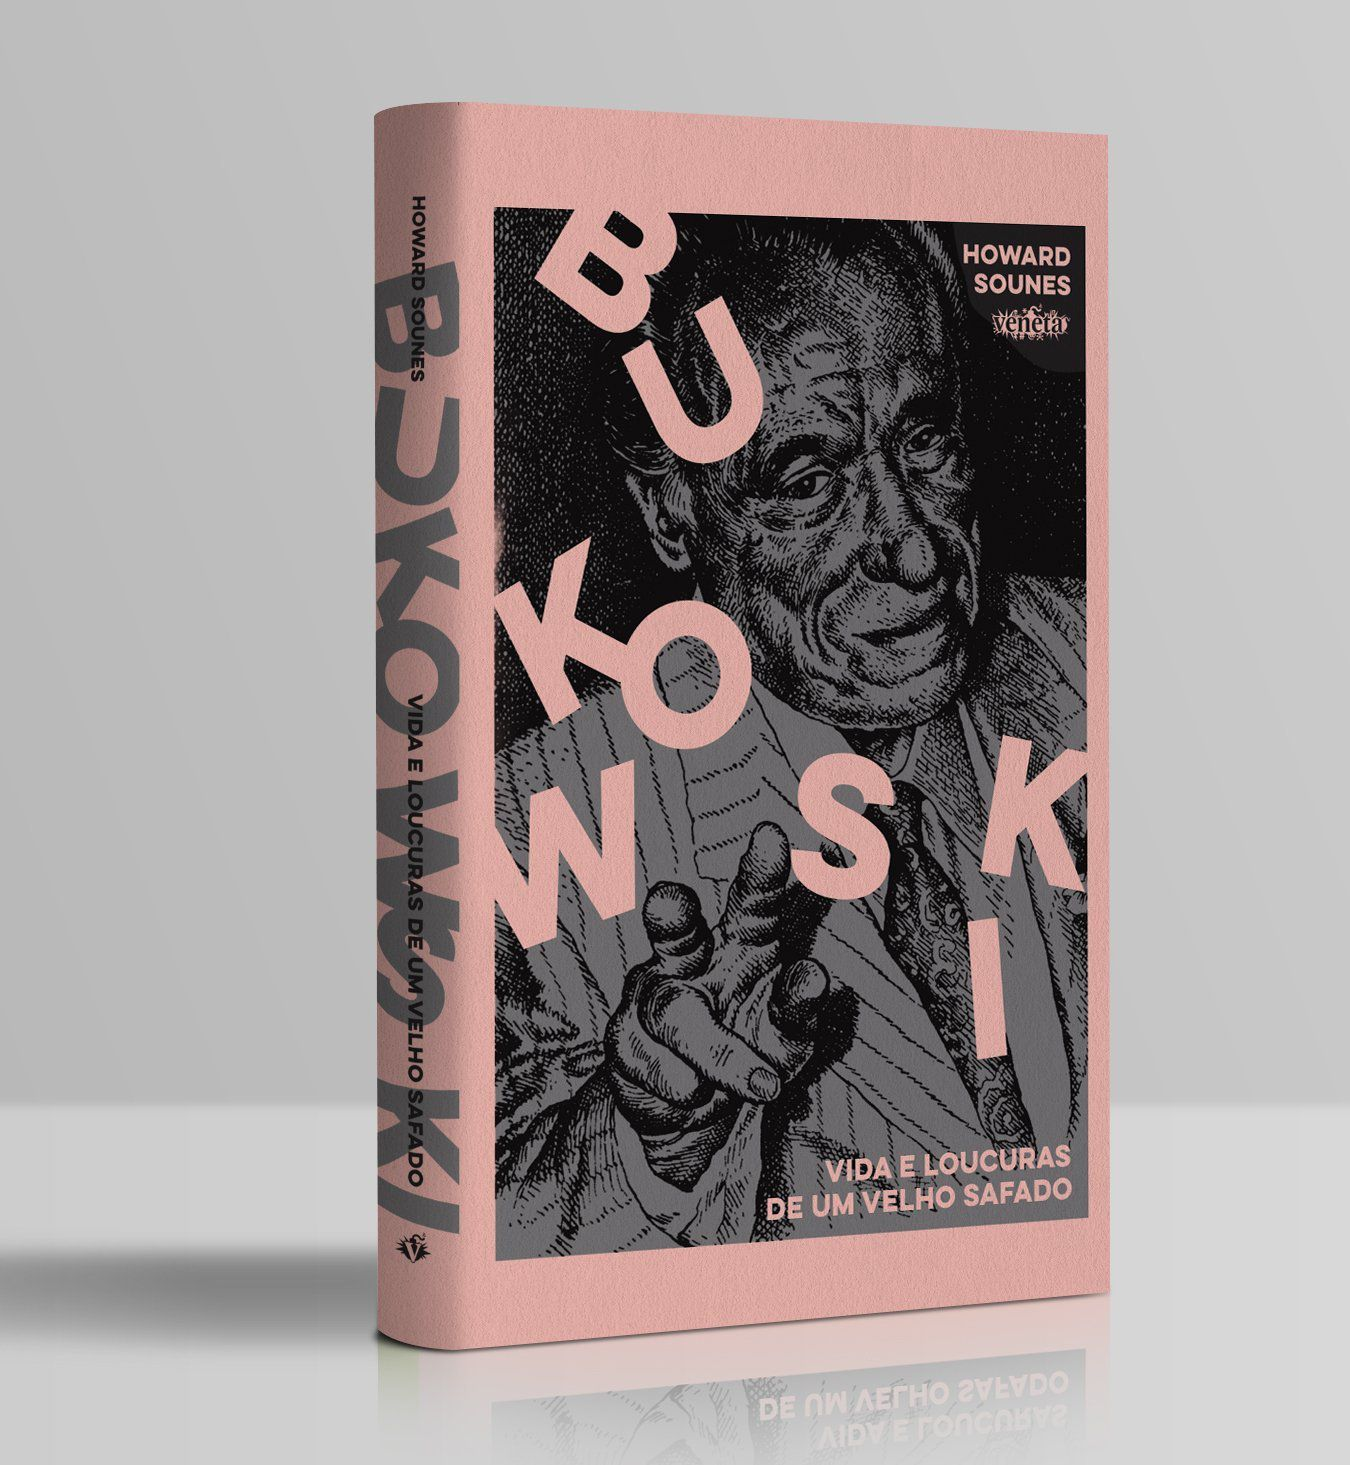 Bukowski: Vida e loucuras de um velho safado